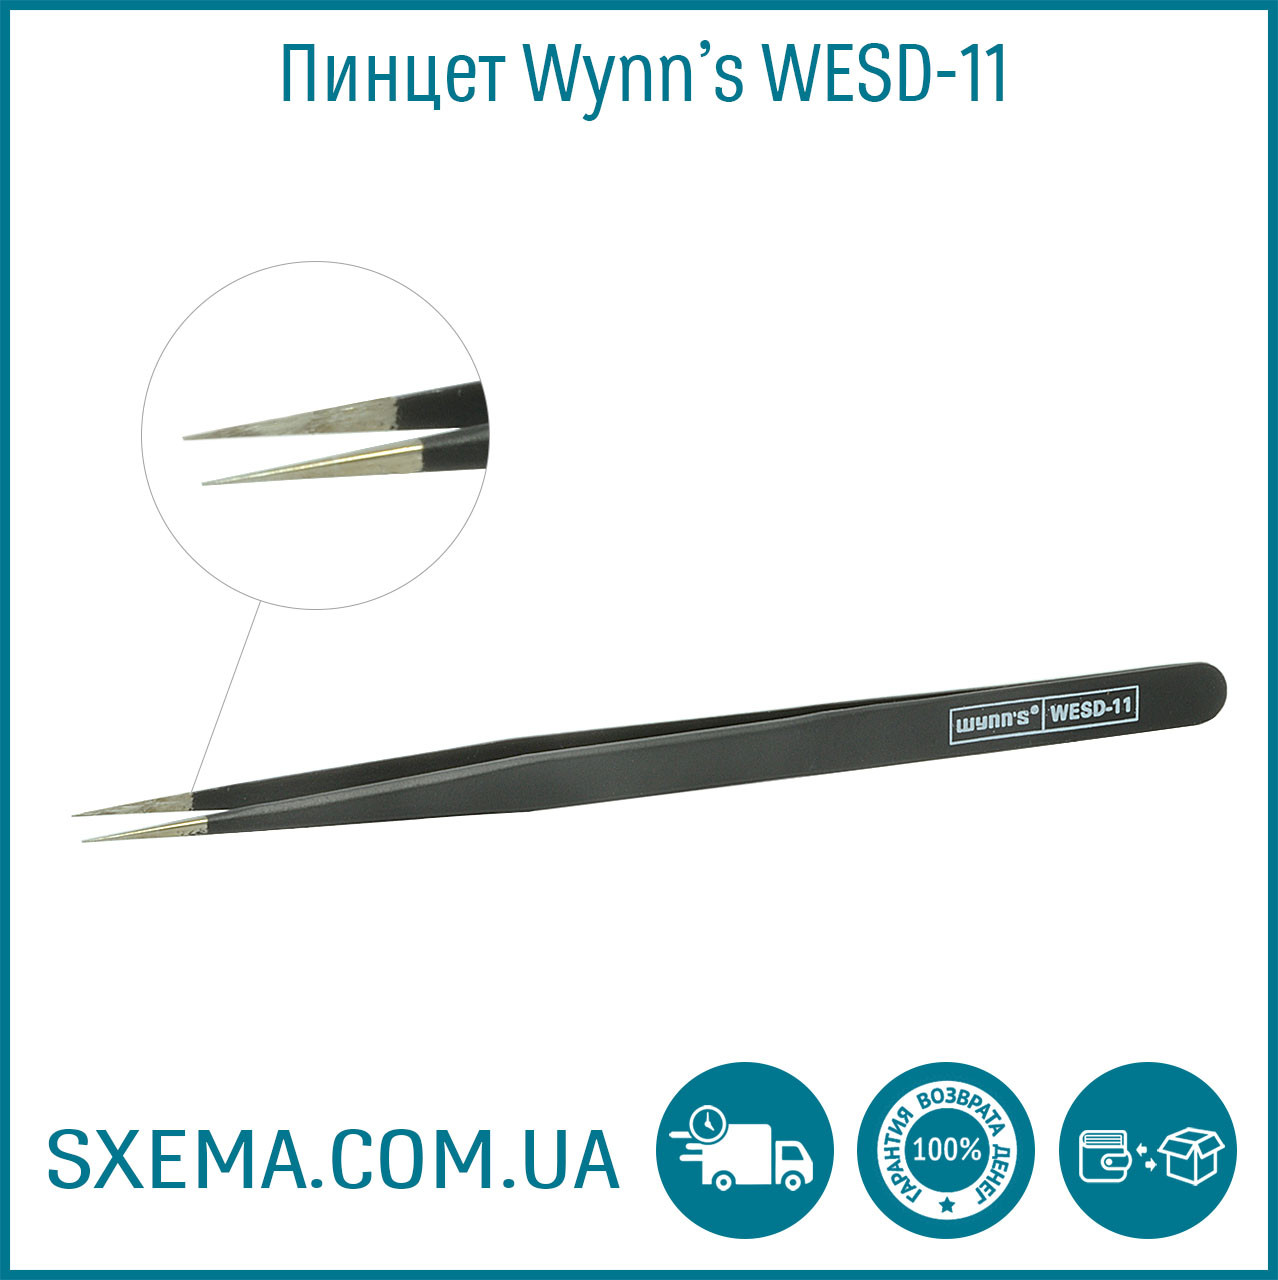 Пинцет Wynns WESD-11 прямой острый 140мм